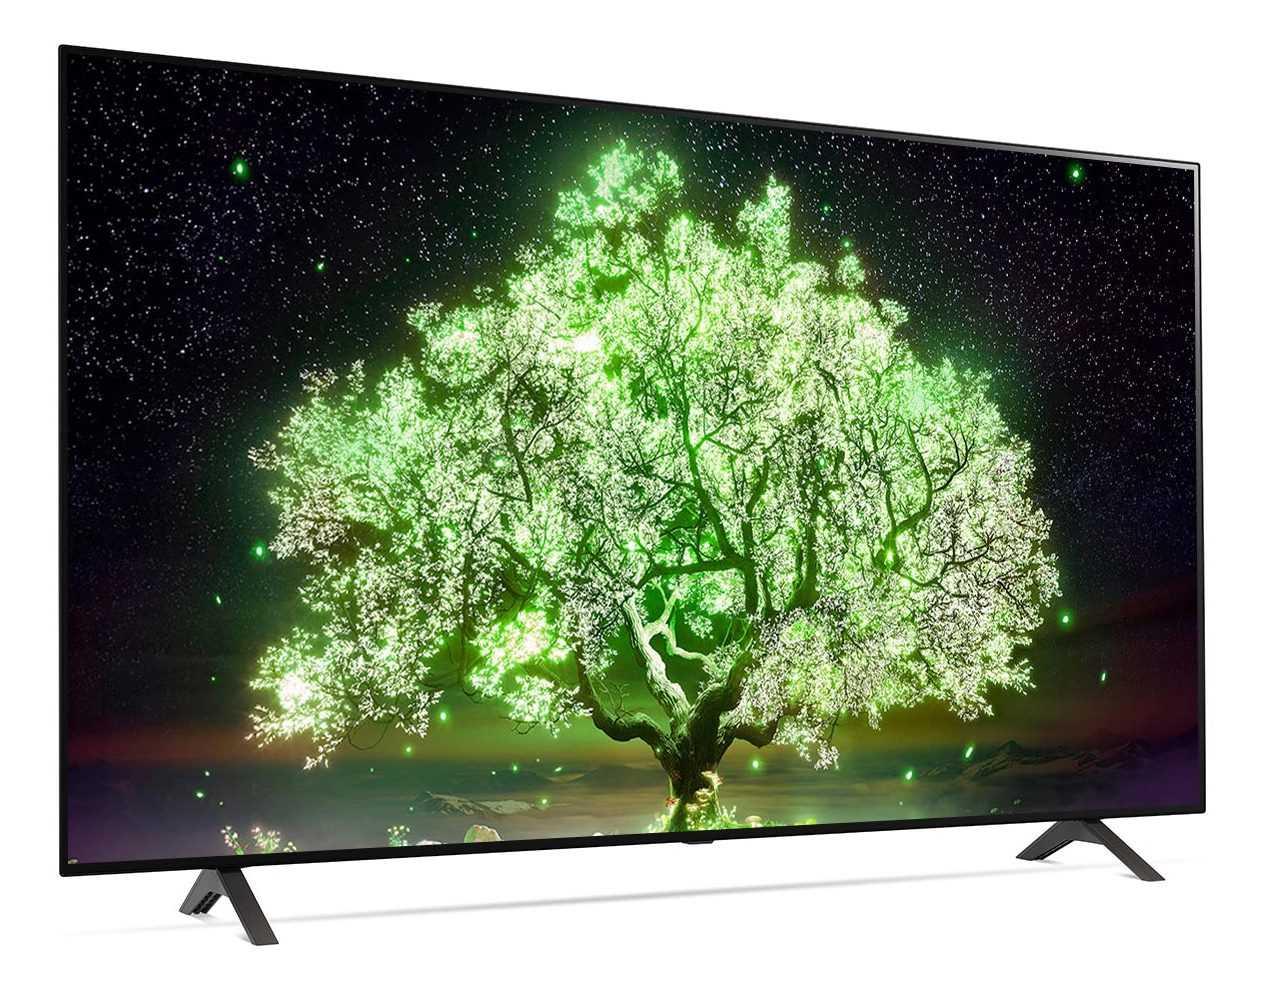 טלוויזיה 65 אינץ' דגם OLED 65A16LA/PVA  בטכנולוגיית LG OLED 4K Ultra HD אל ג'י - תמונה 7